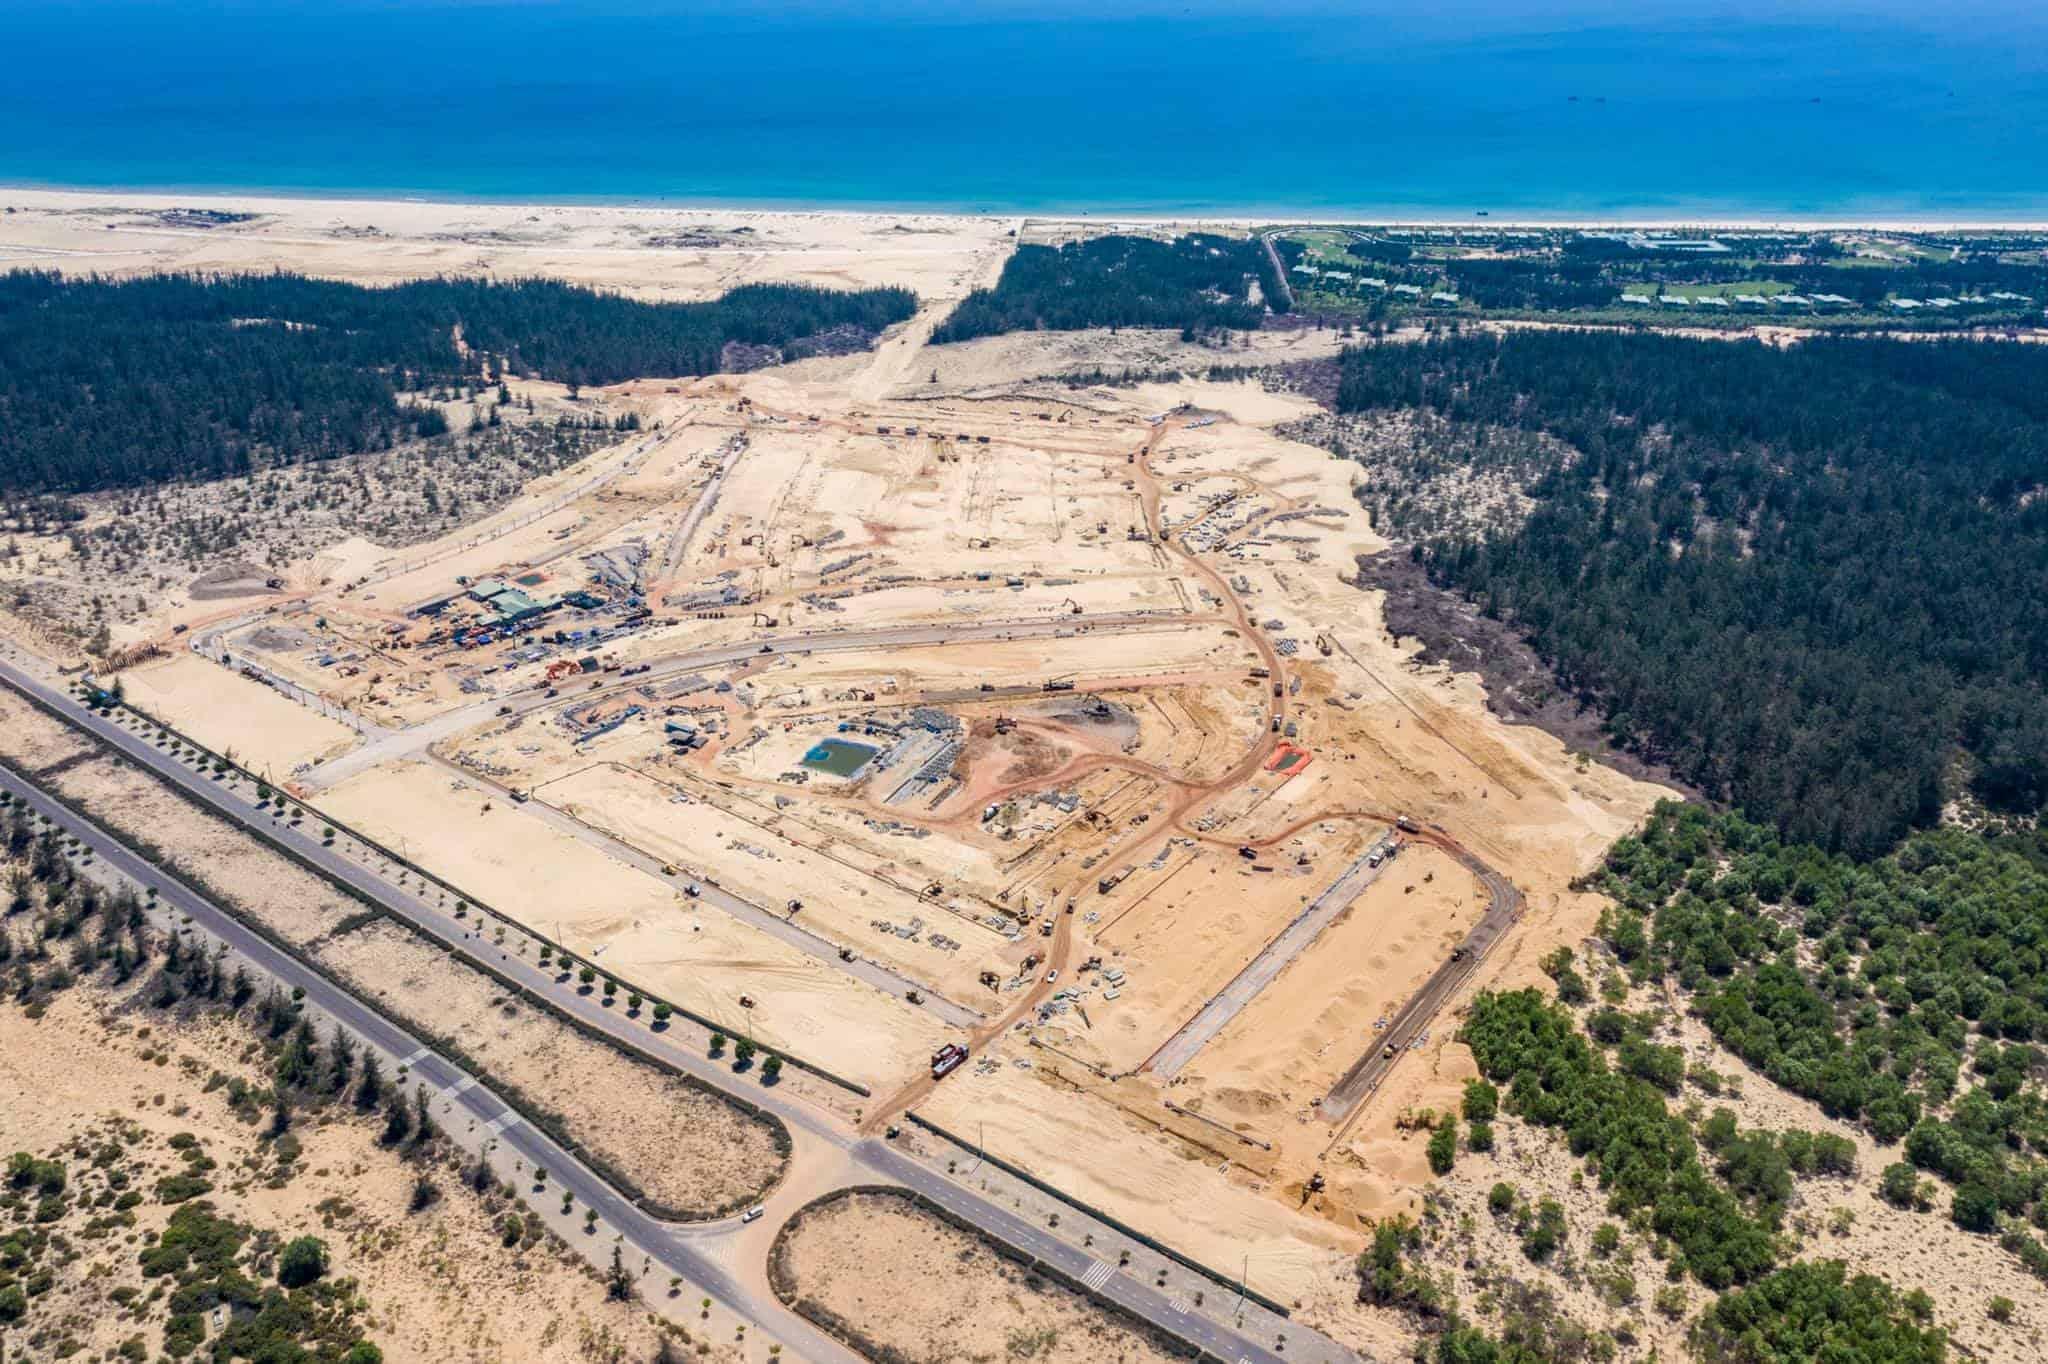 Đất nền tiếp tục dẫn dắt thị trường bất động sản sang năm 2021